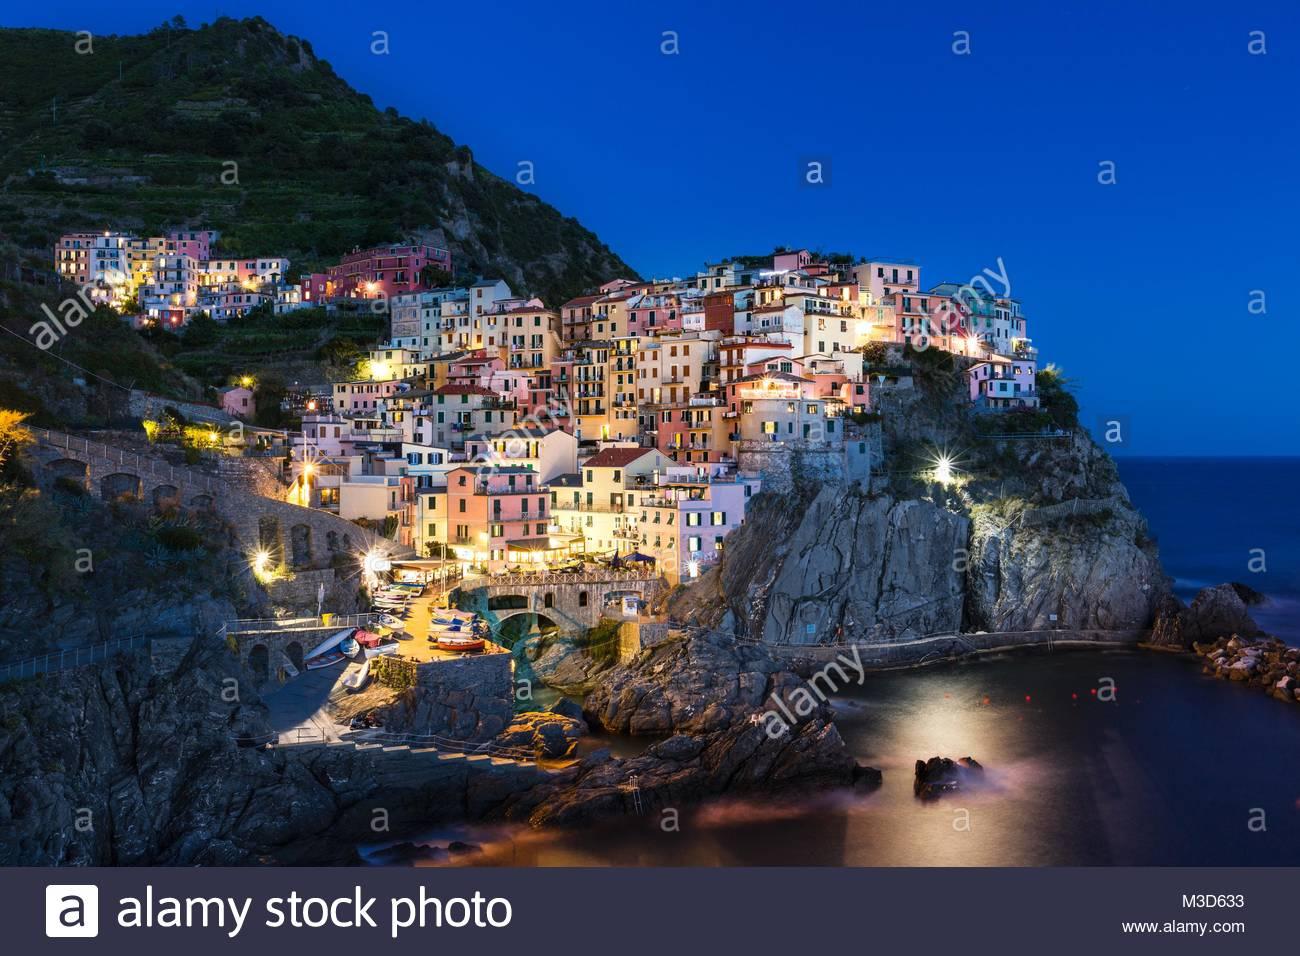 Manarola,Cinque Terre Italy - Stock Image